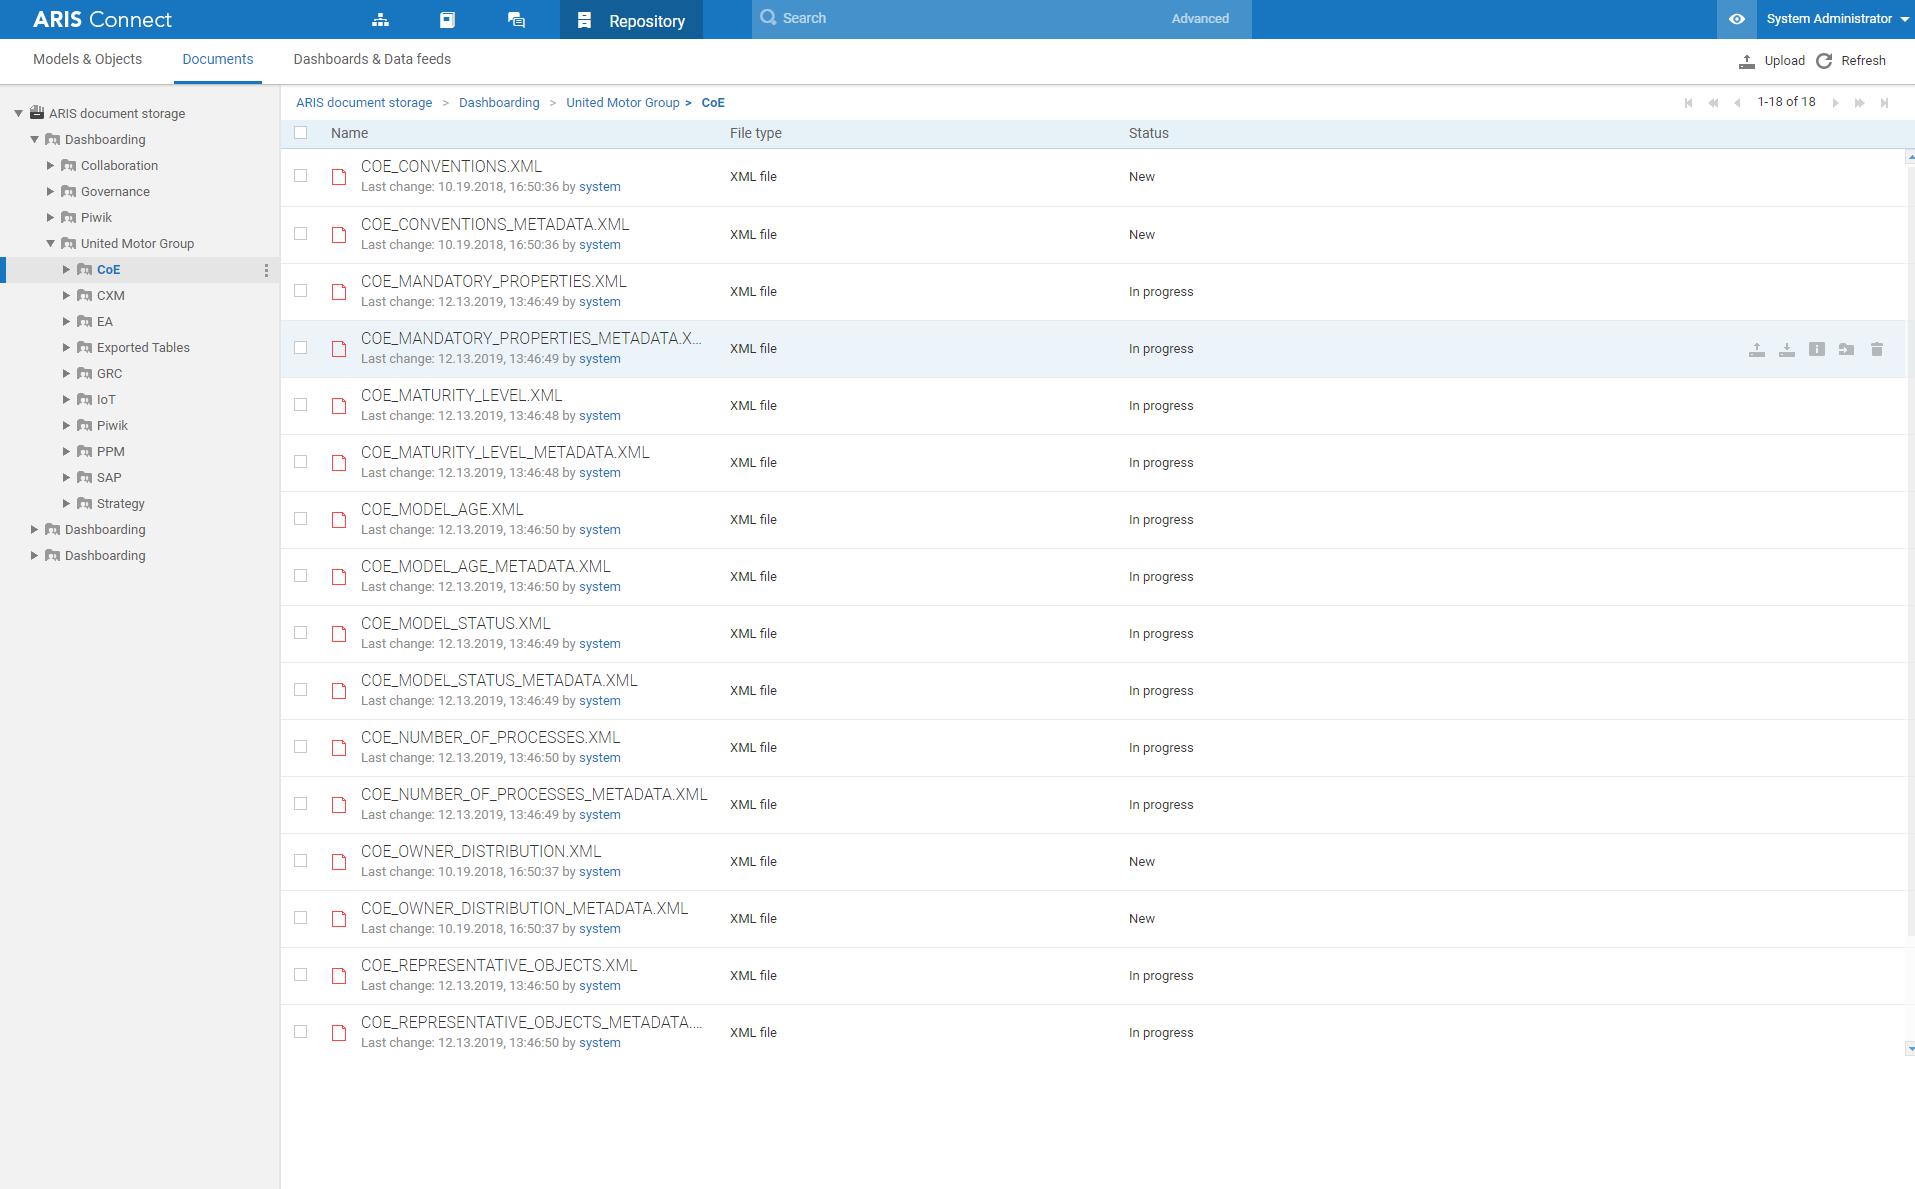 Premium Document Storage Extension with ARIS Enterprise